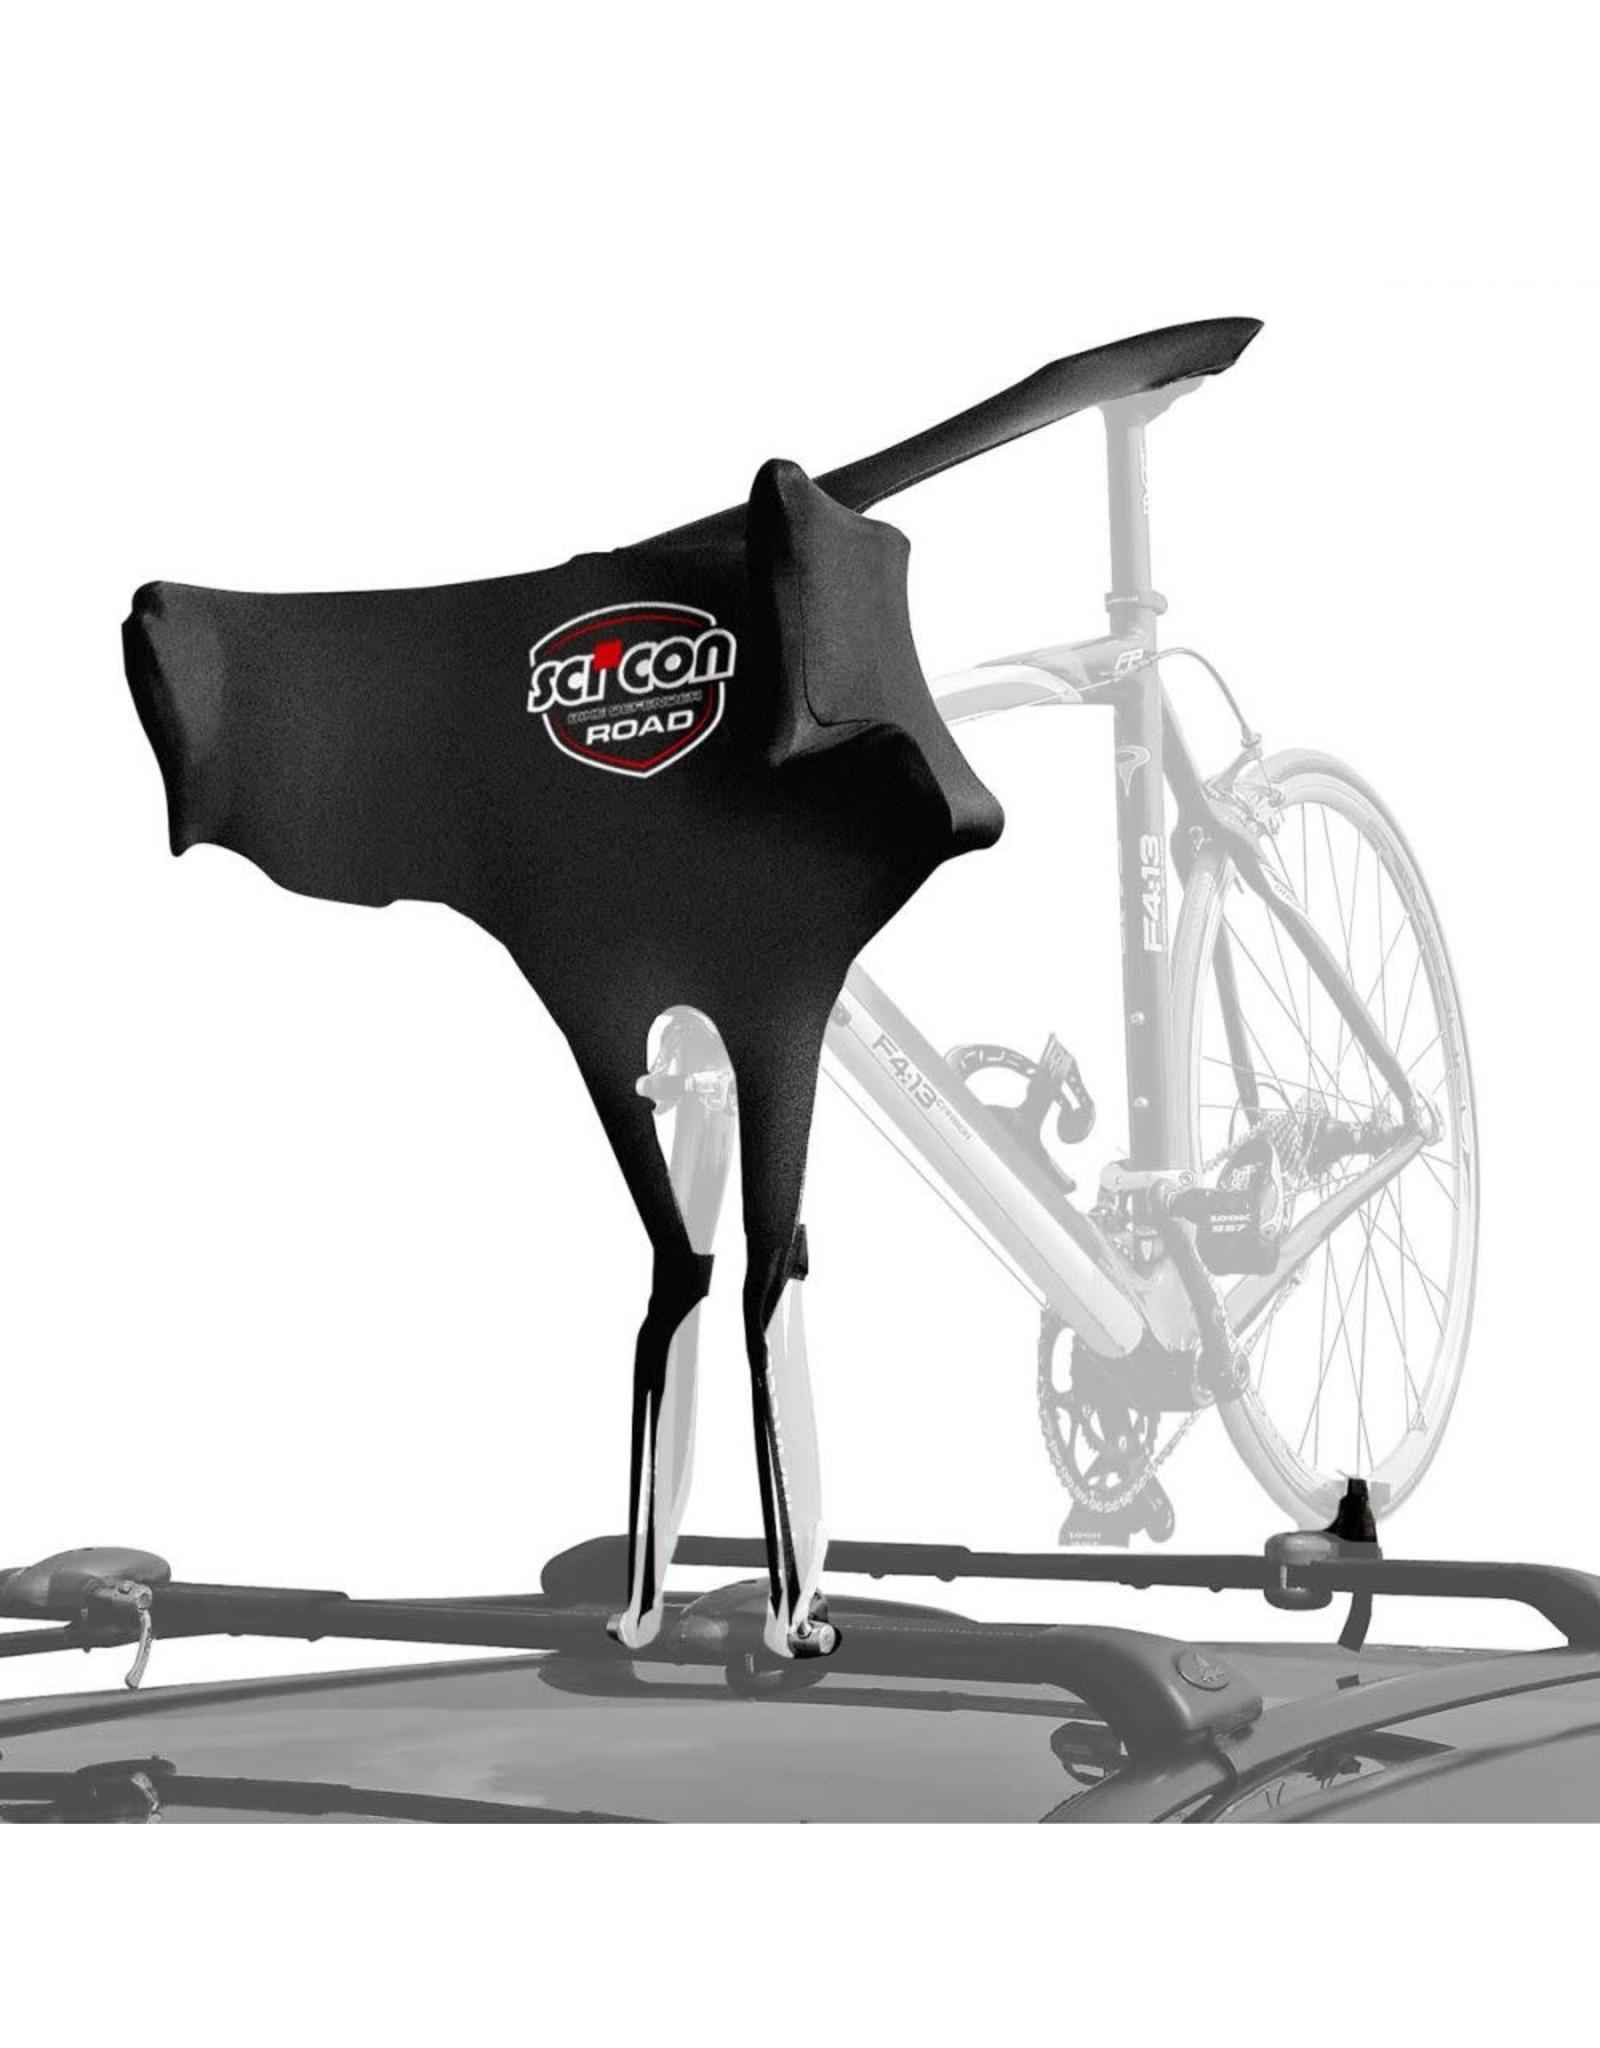 Scicon SCICON, Bike Defender Road Cover